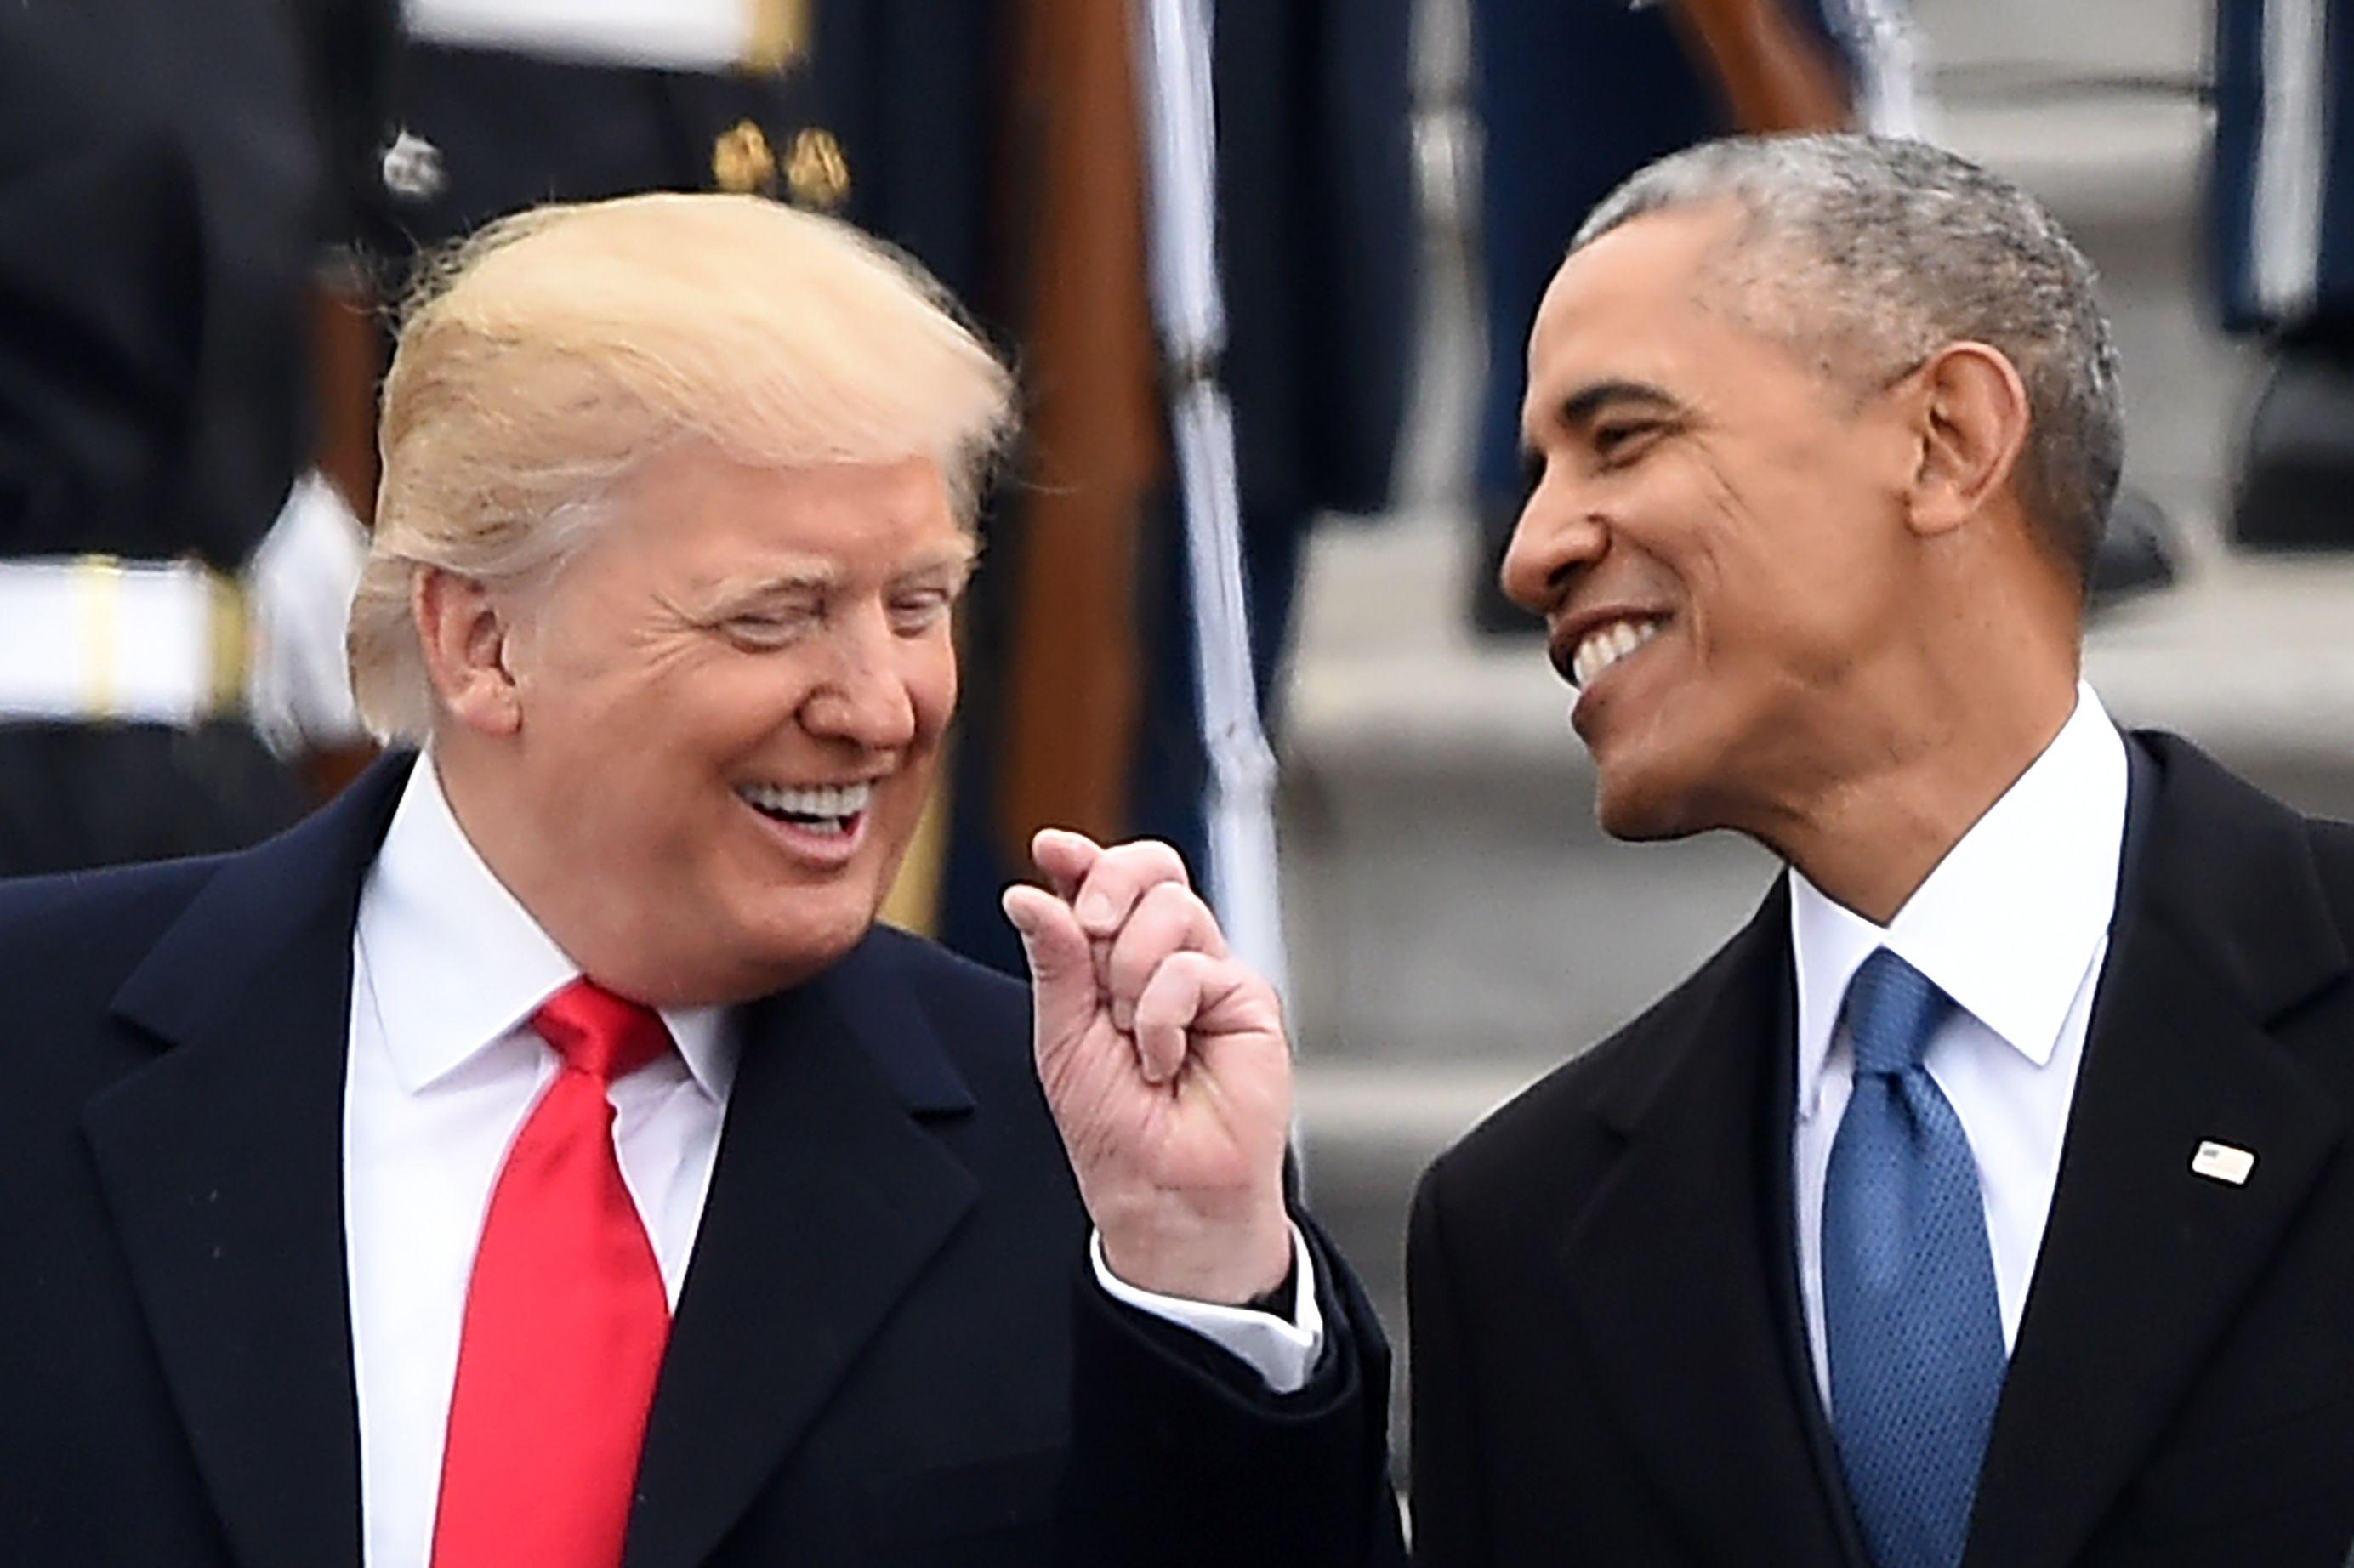 حوار جانبى بين ترامب وأوباما قبل حلف اليمين